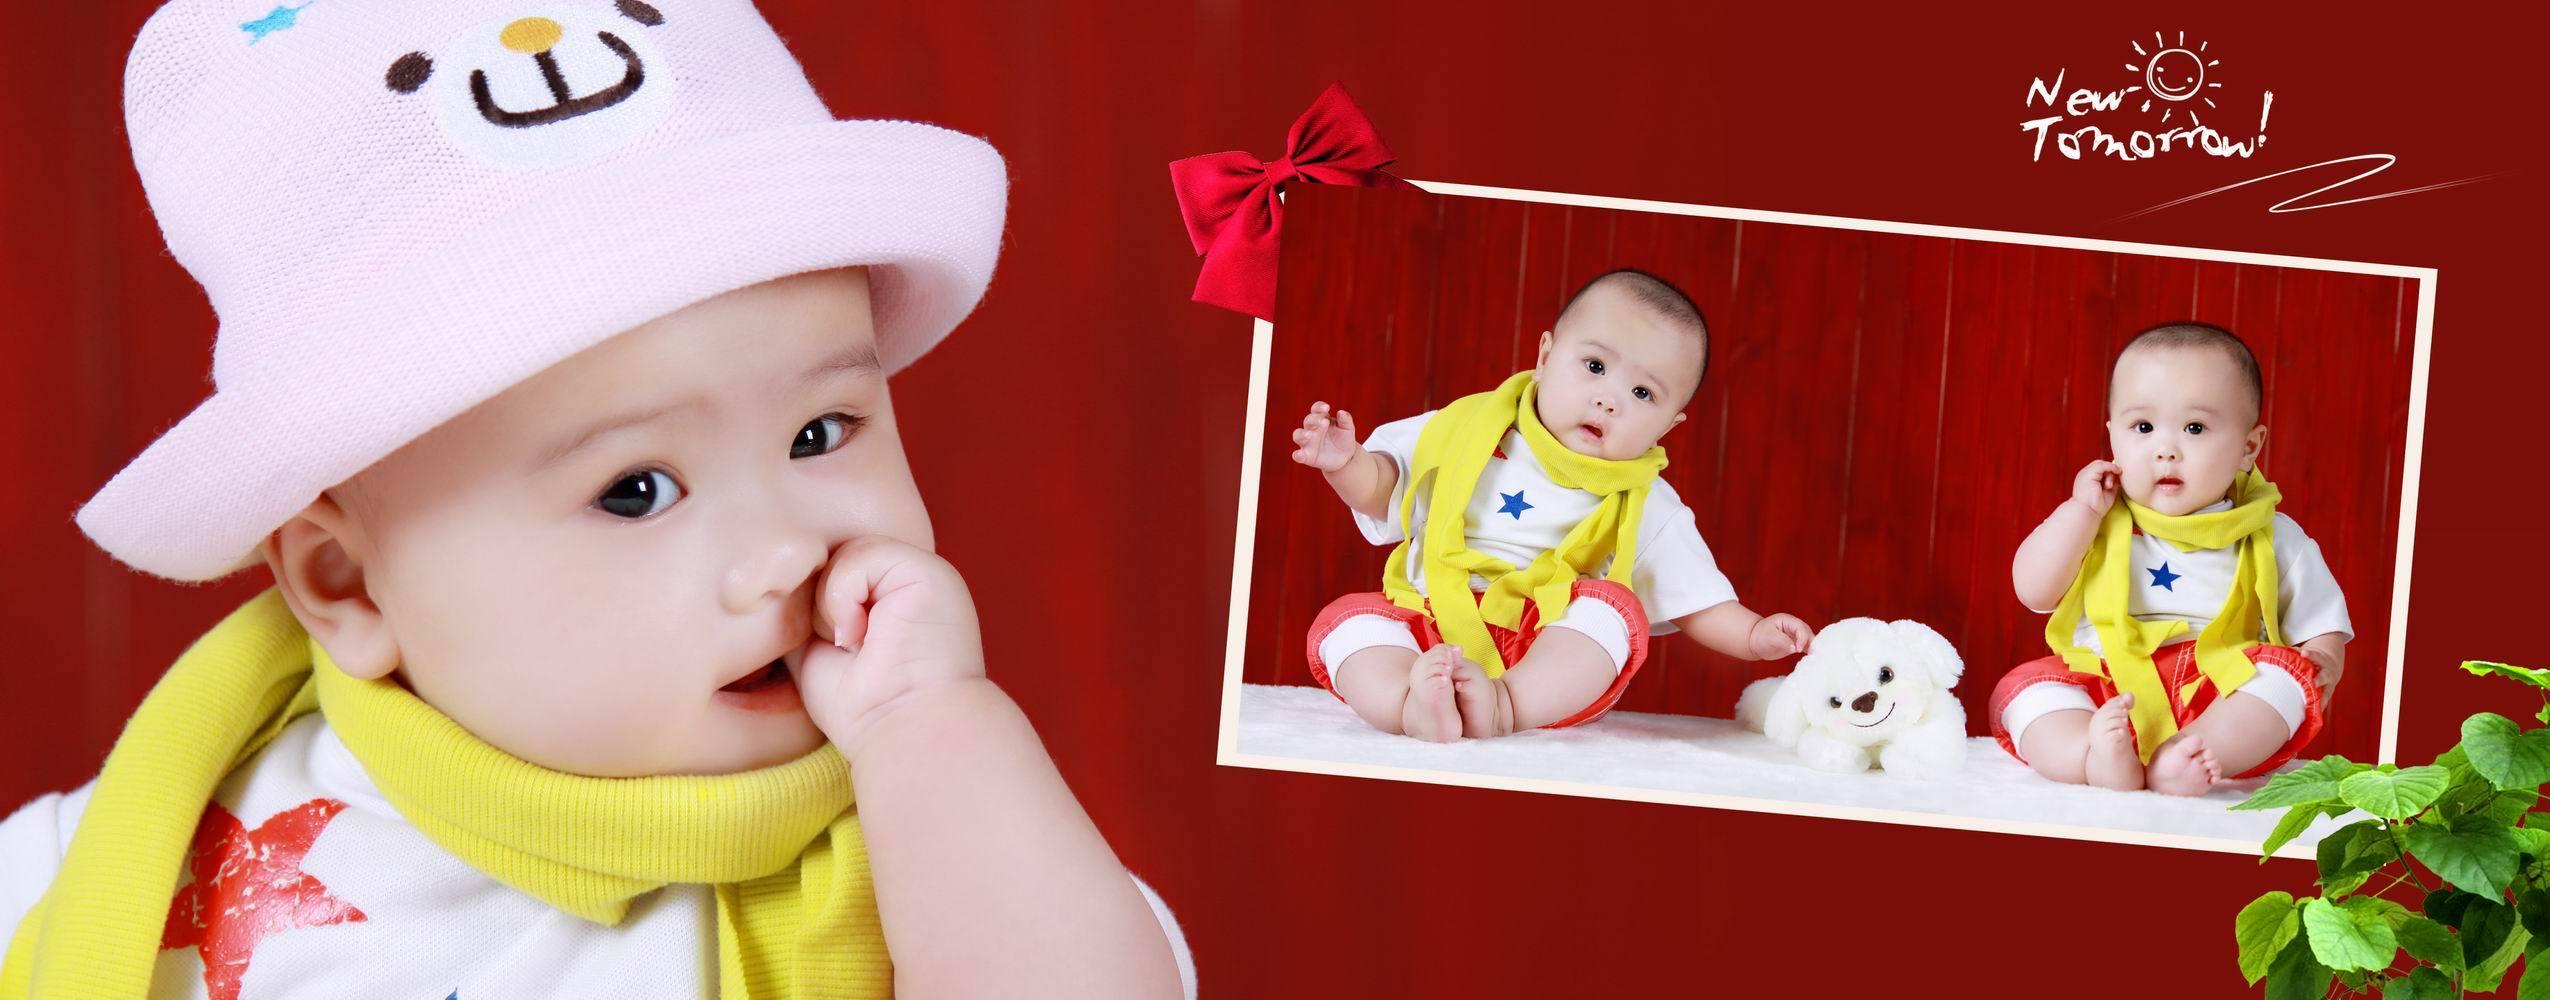 哈尼贝贝儿童摄影4月份特惠进行中.